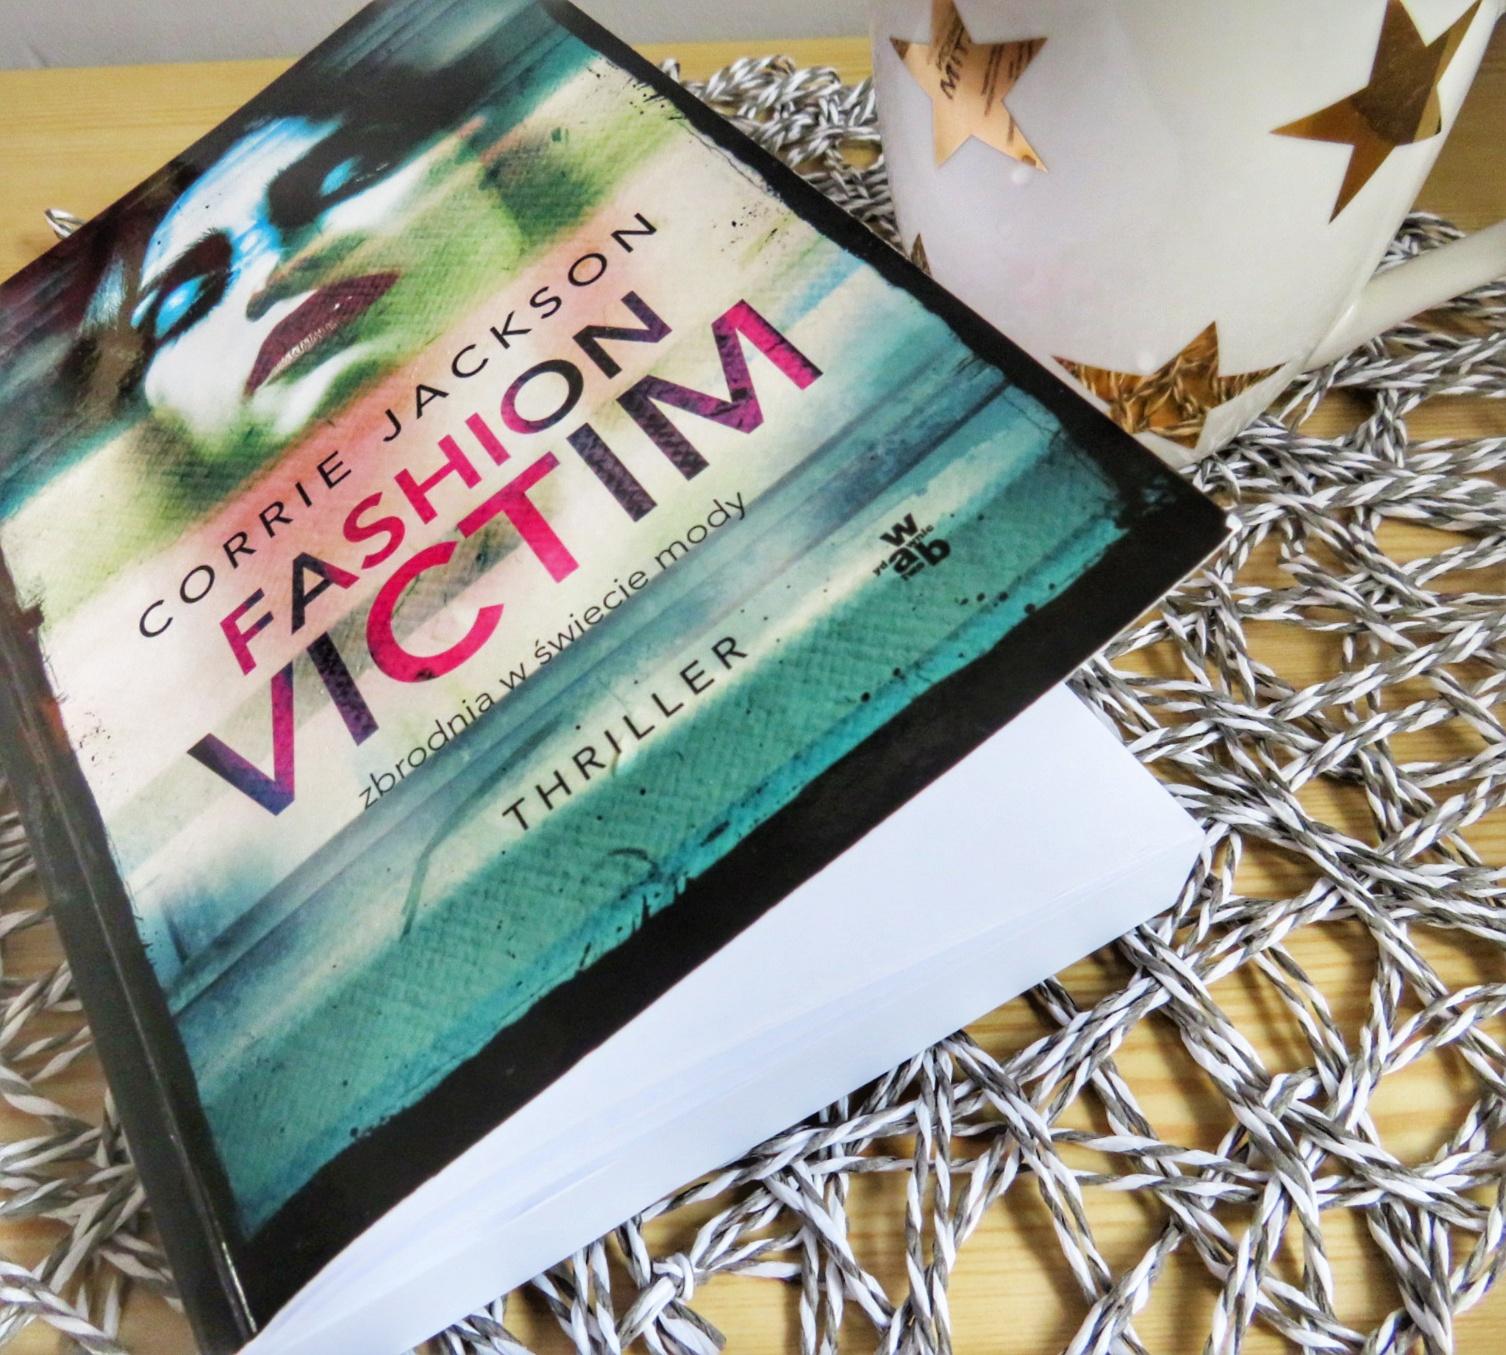 Fashion Victim Corrine Jackson_ recenzja przedpremierowo